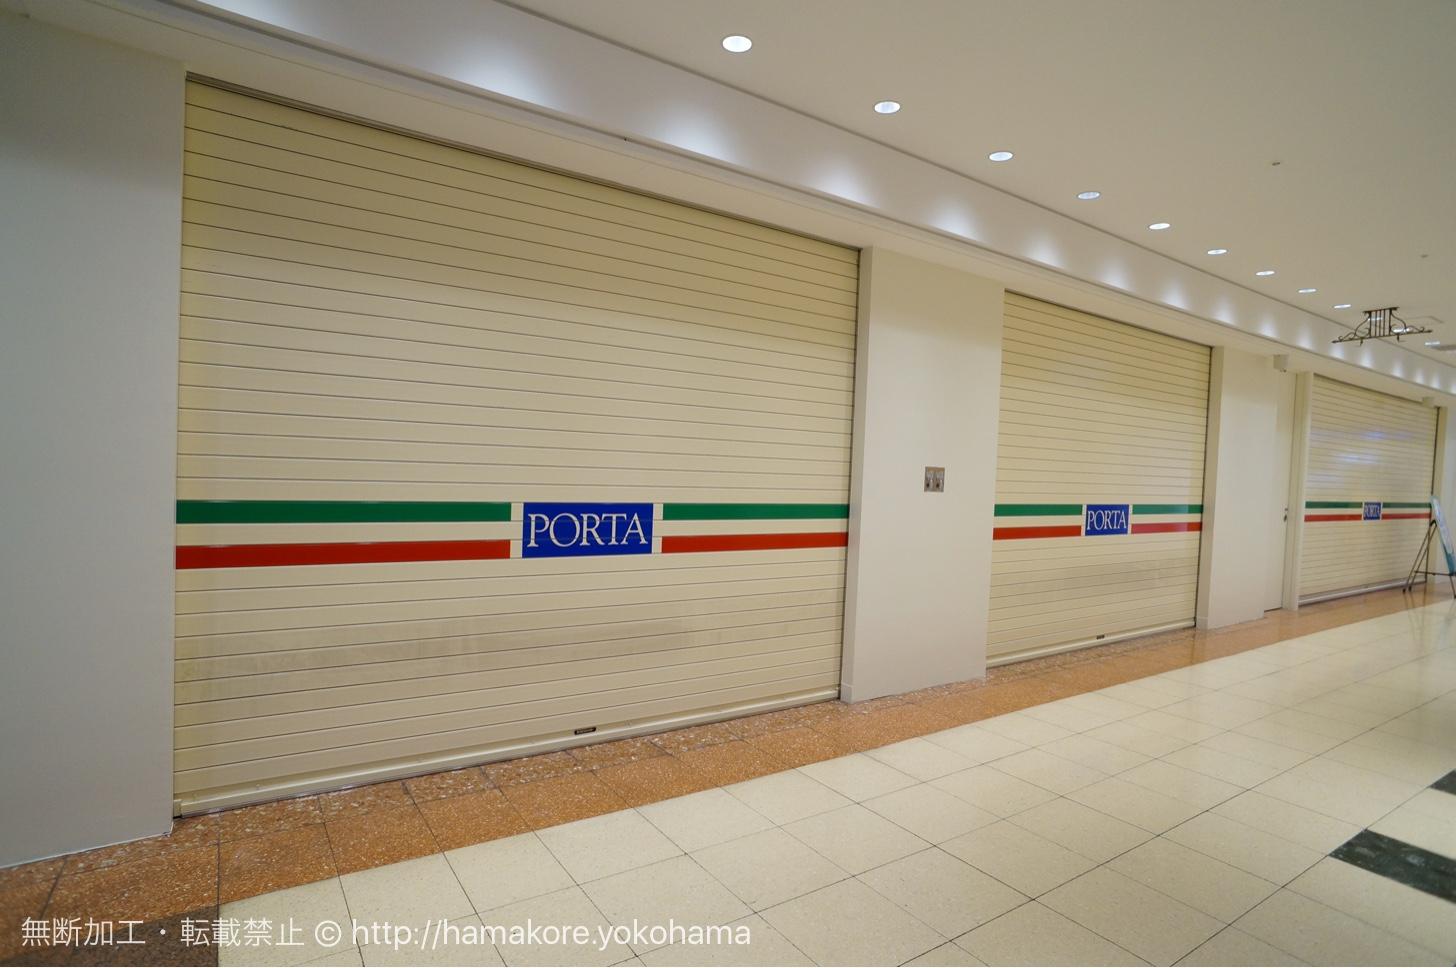 横浜ポルタ 閉店・移転の様子